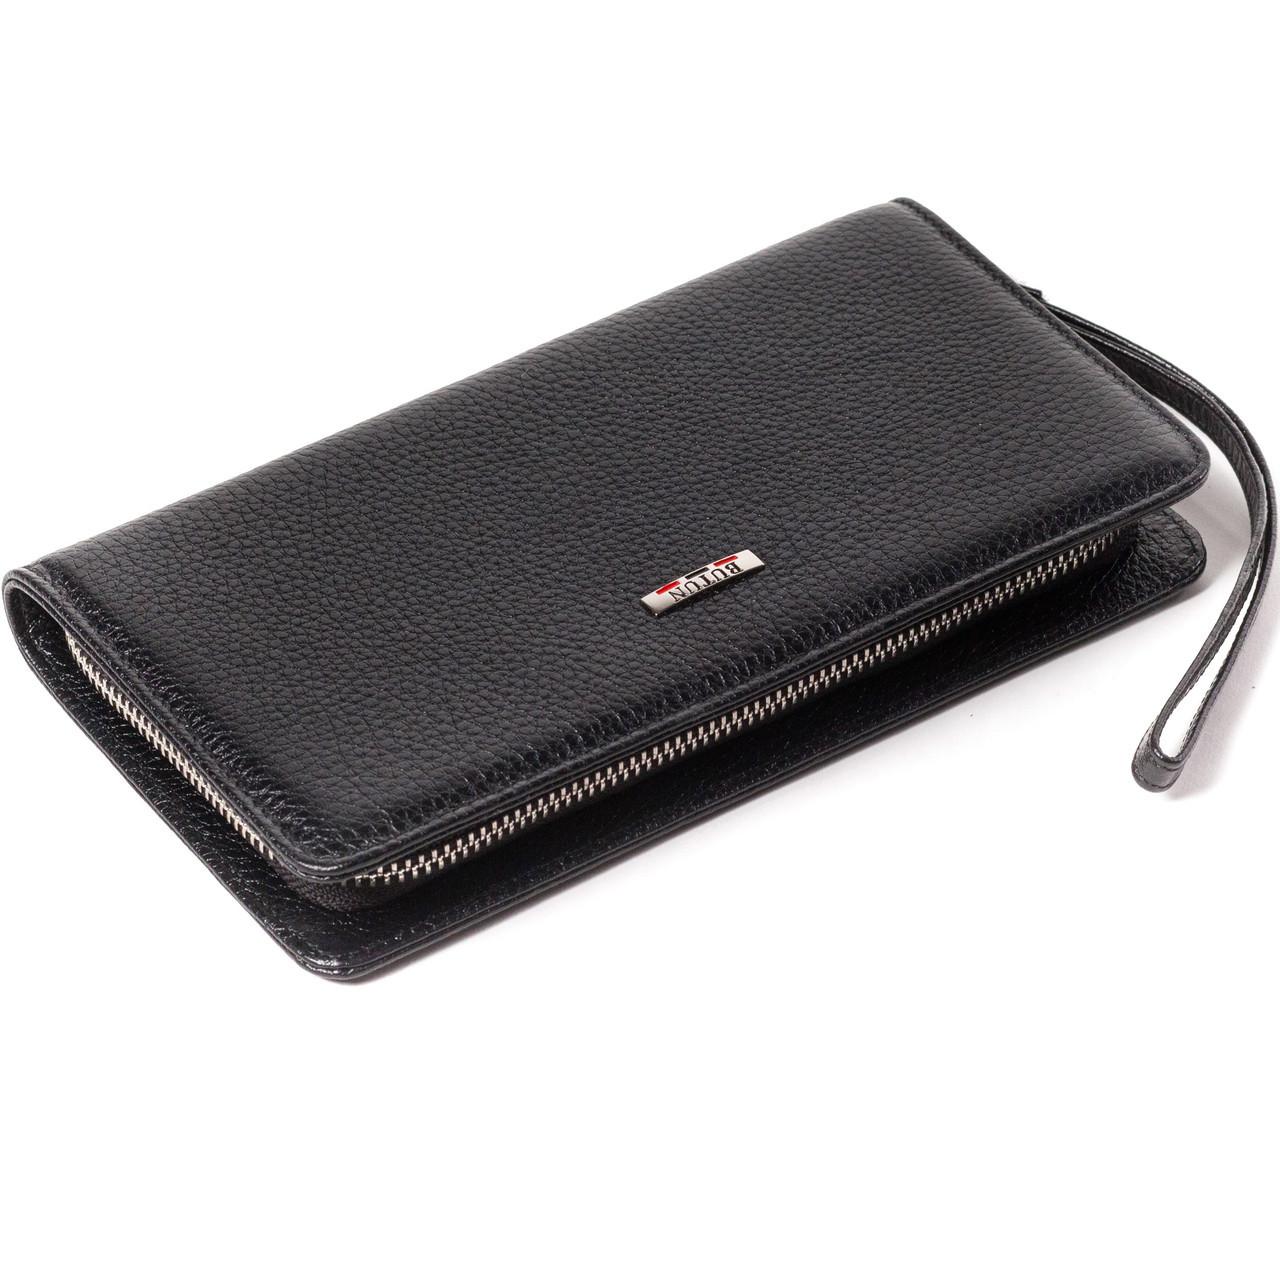 Клатч чоловічий гаманець на блискавці BUTUN 096-004-001 шкіряний чорний